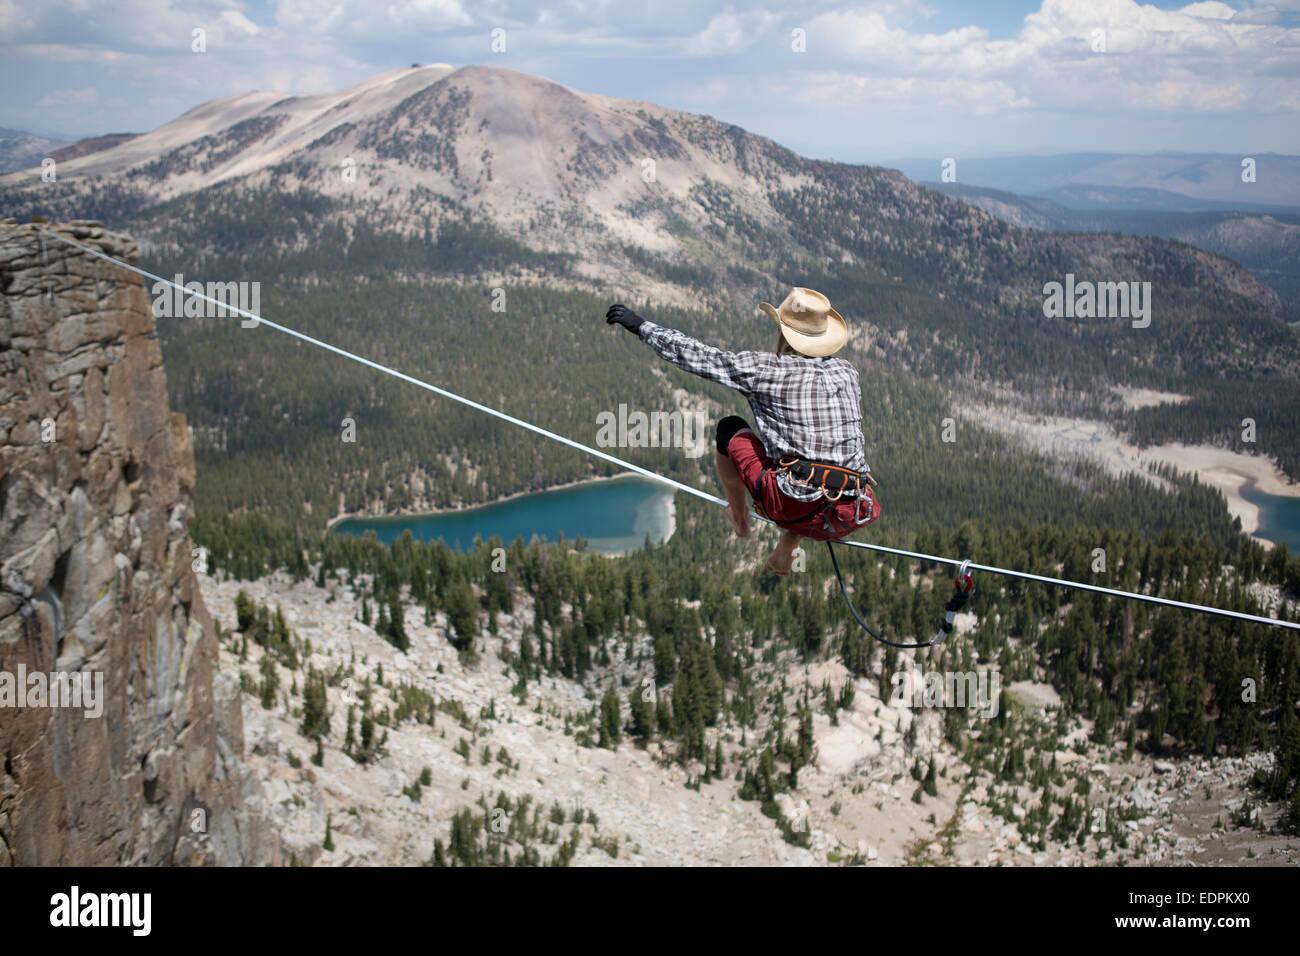 Highline cowboy